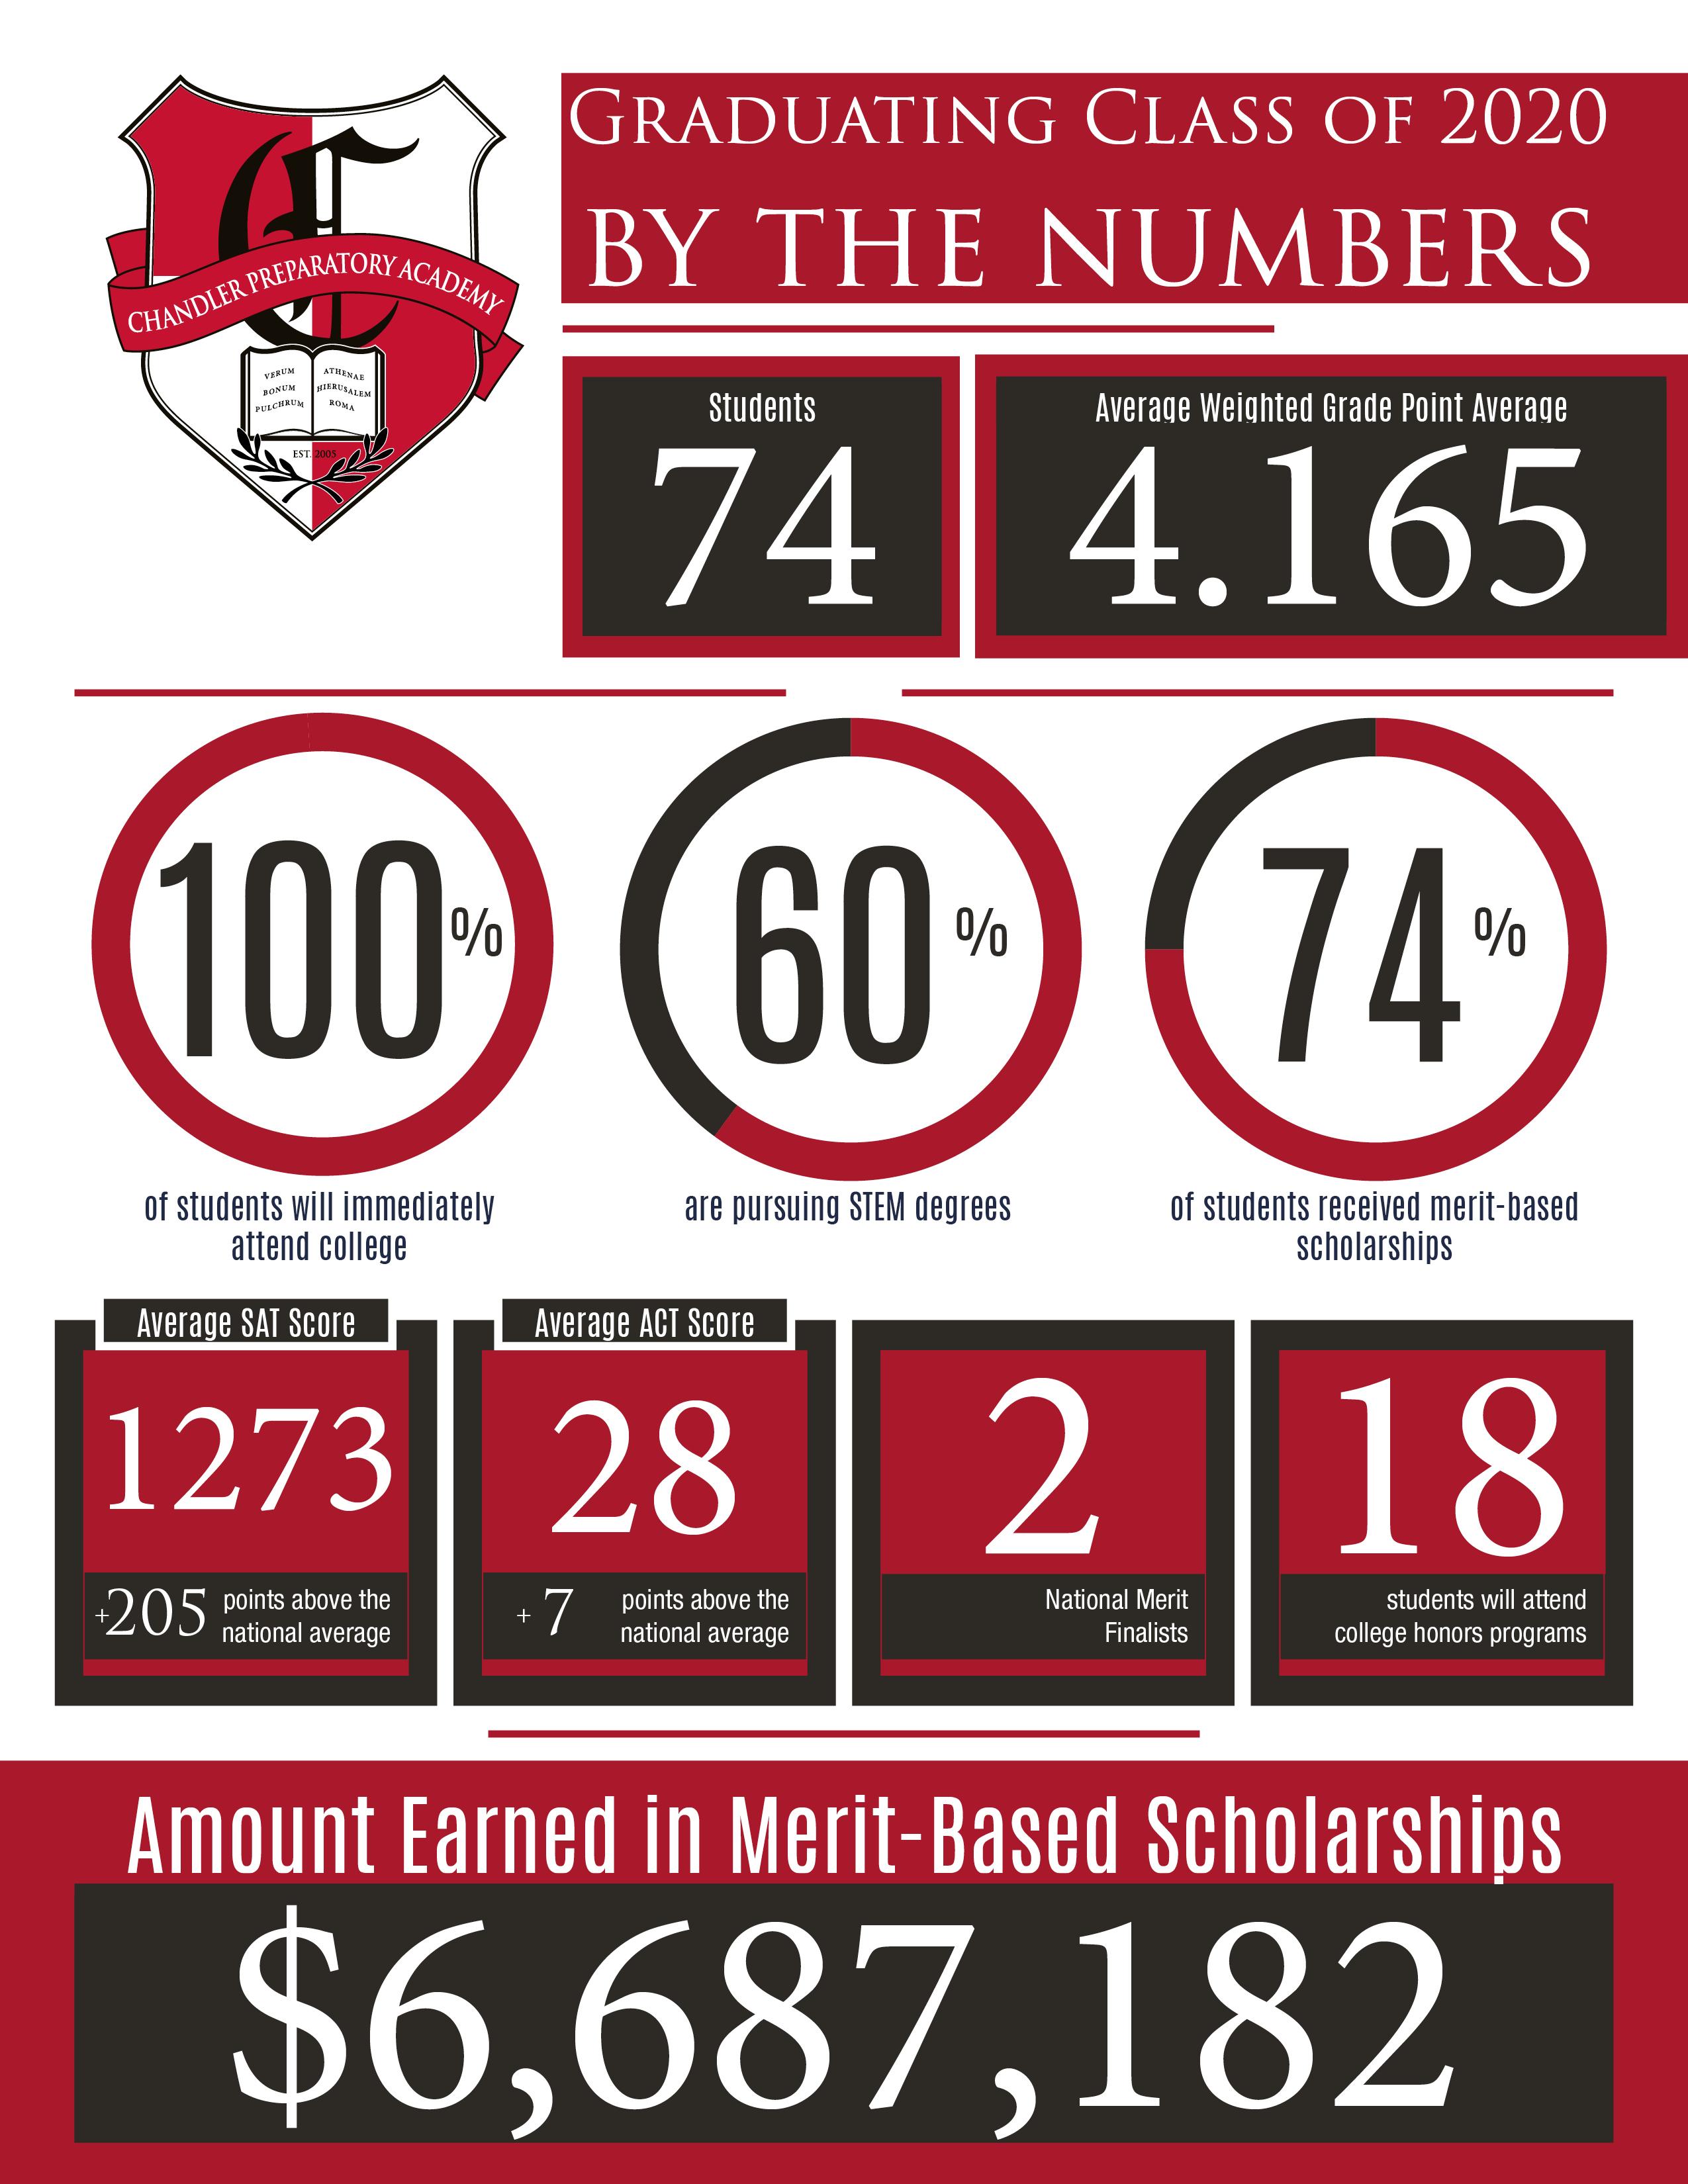 6.7 million in scholarships